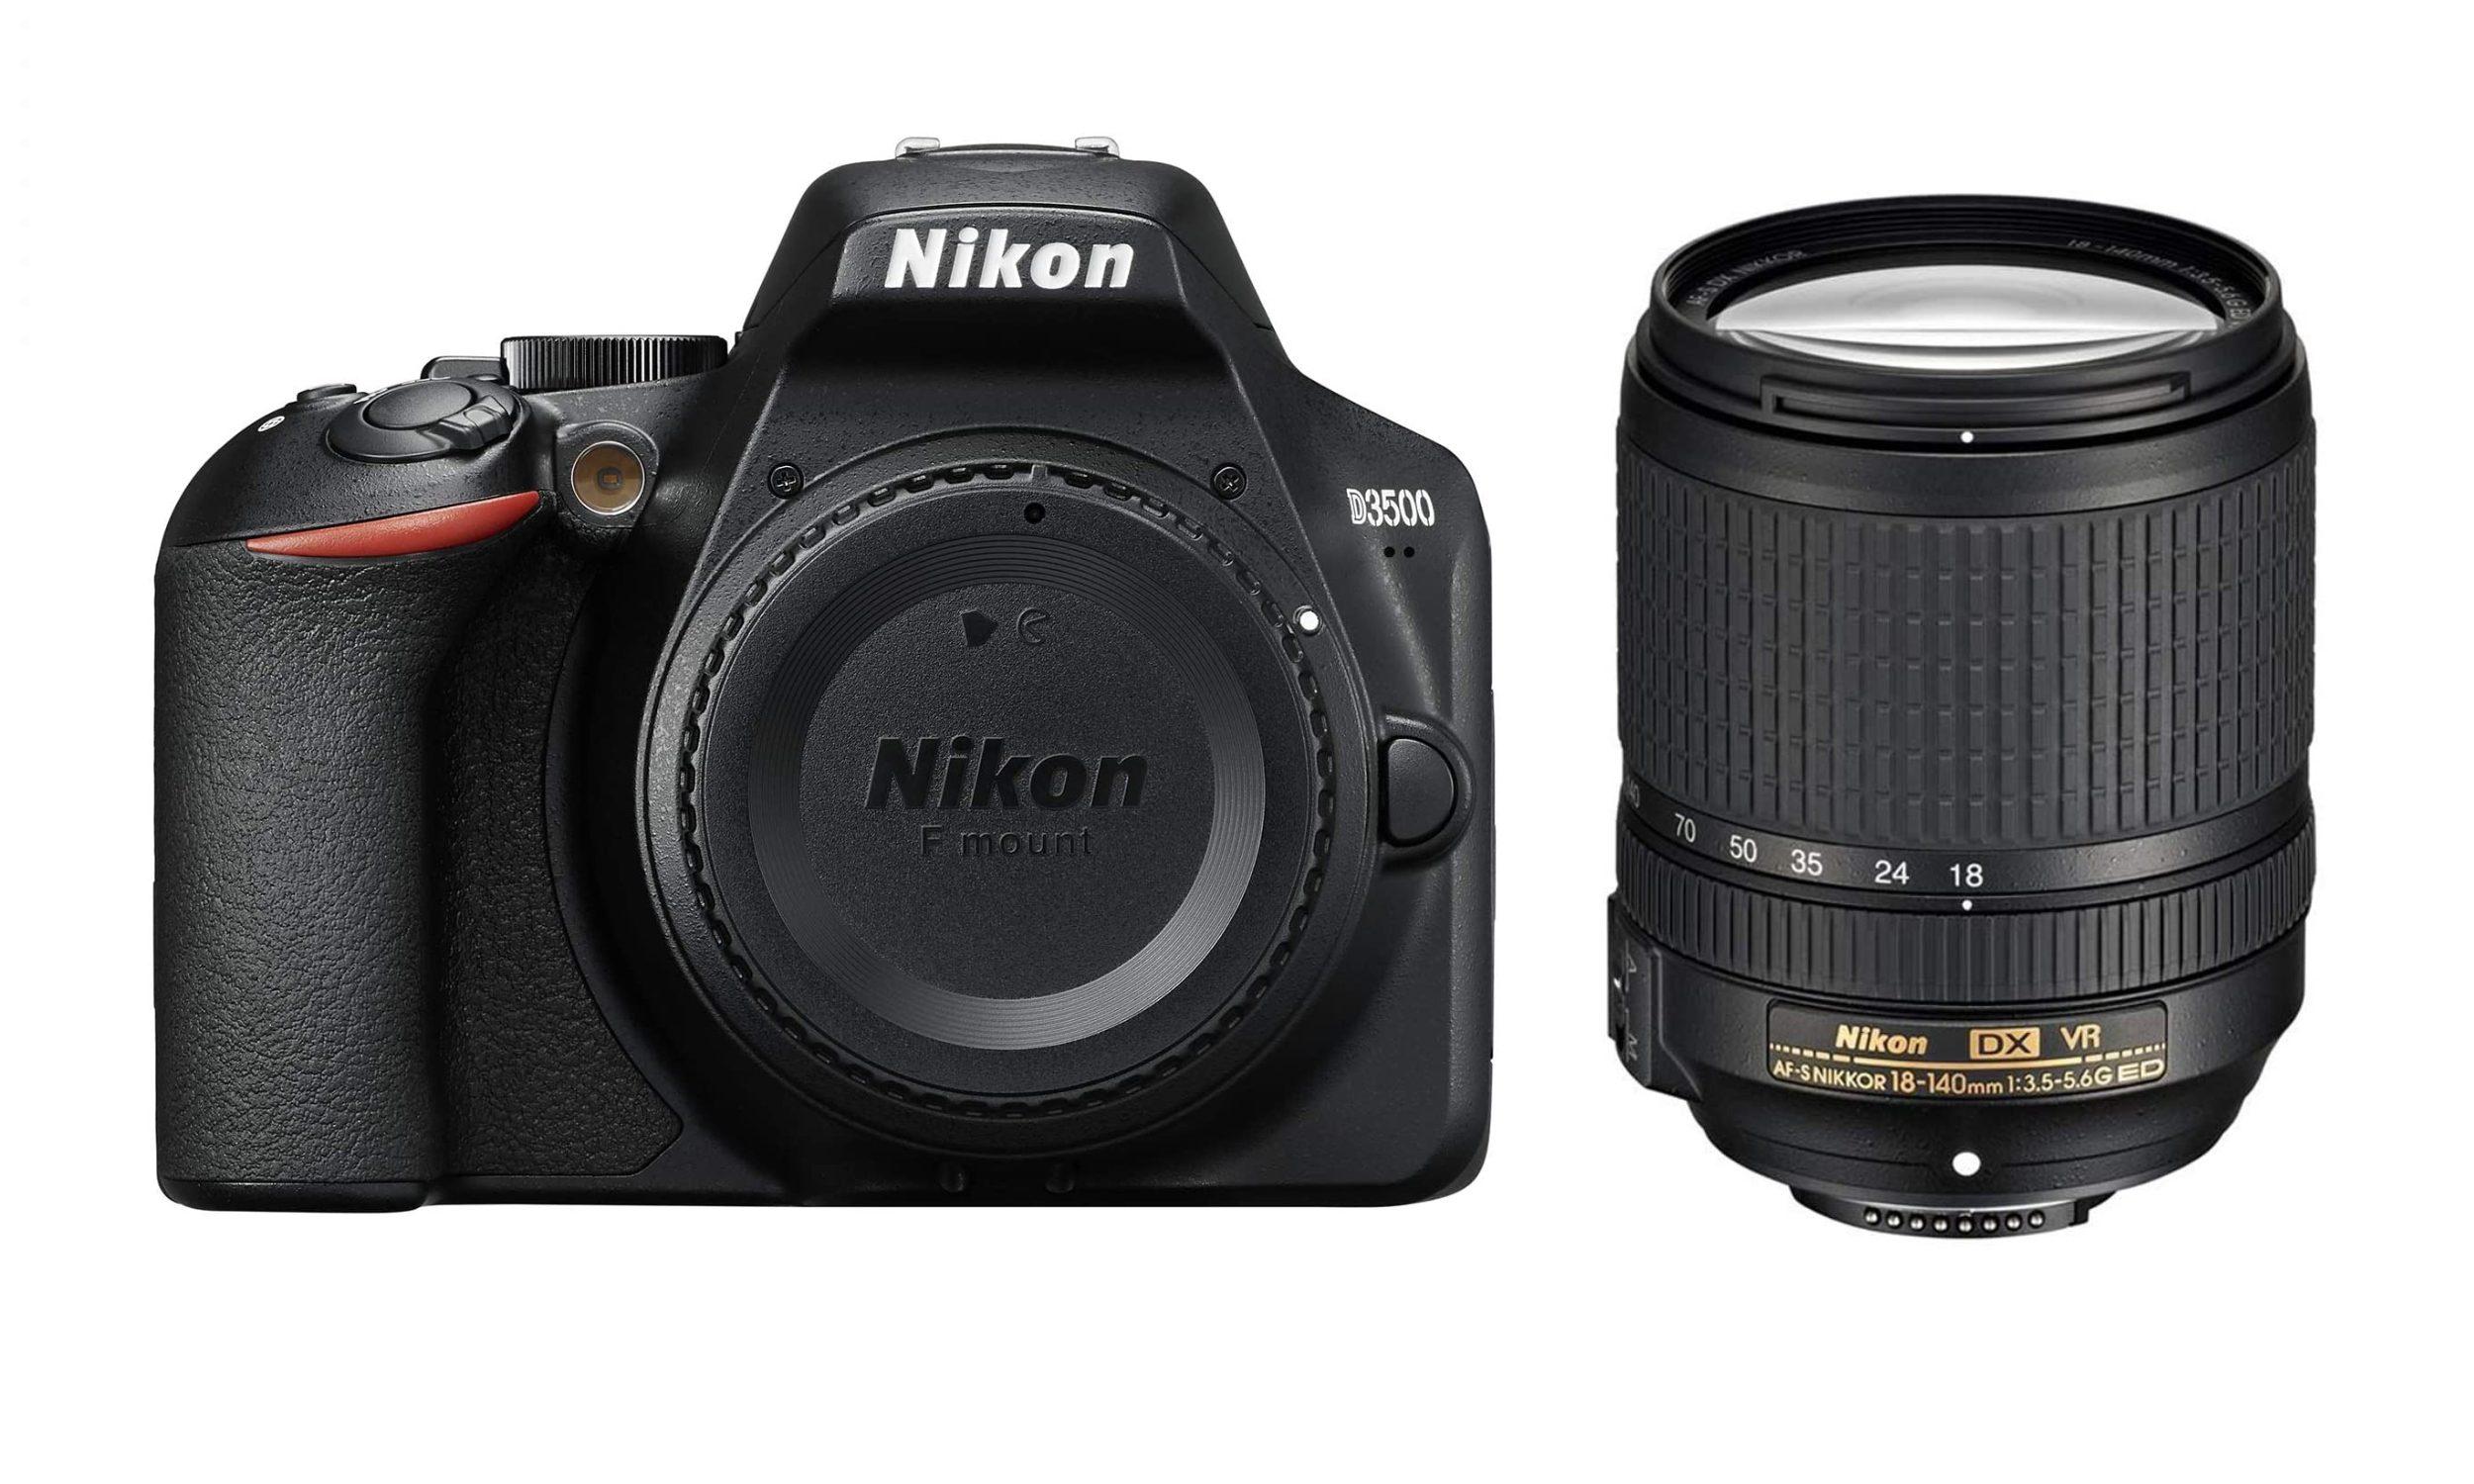 Nikon D3500 DSLR With 18-140mm f/3.5-5.6G ED VR